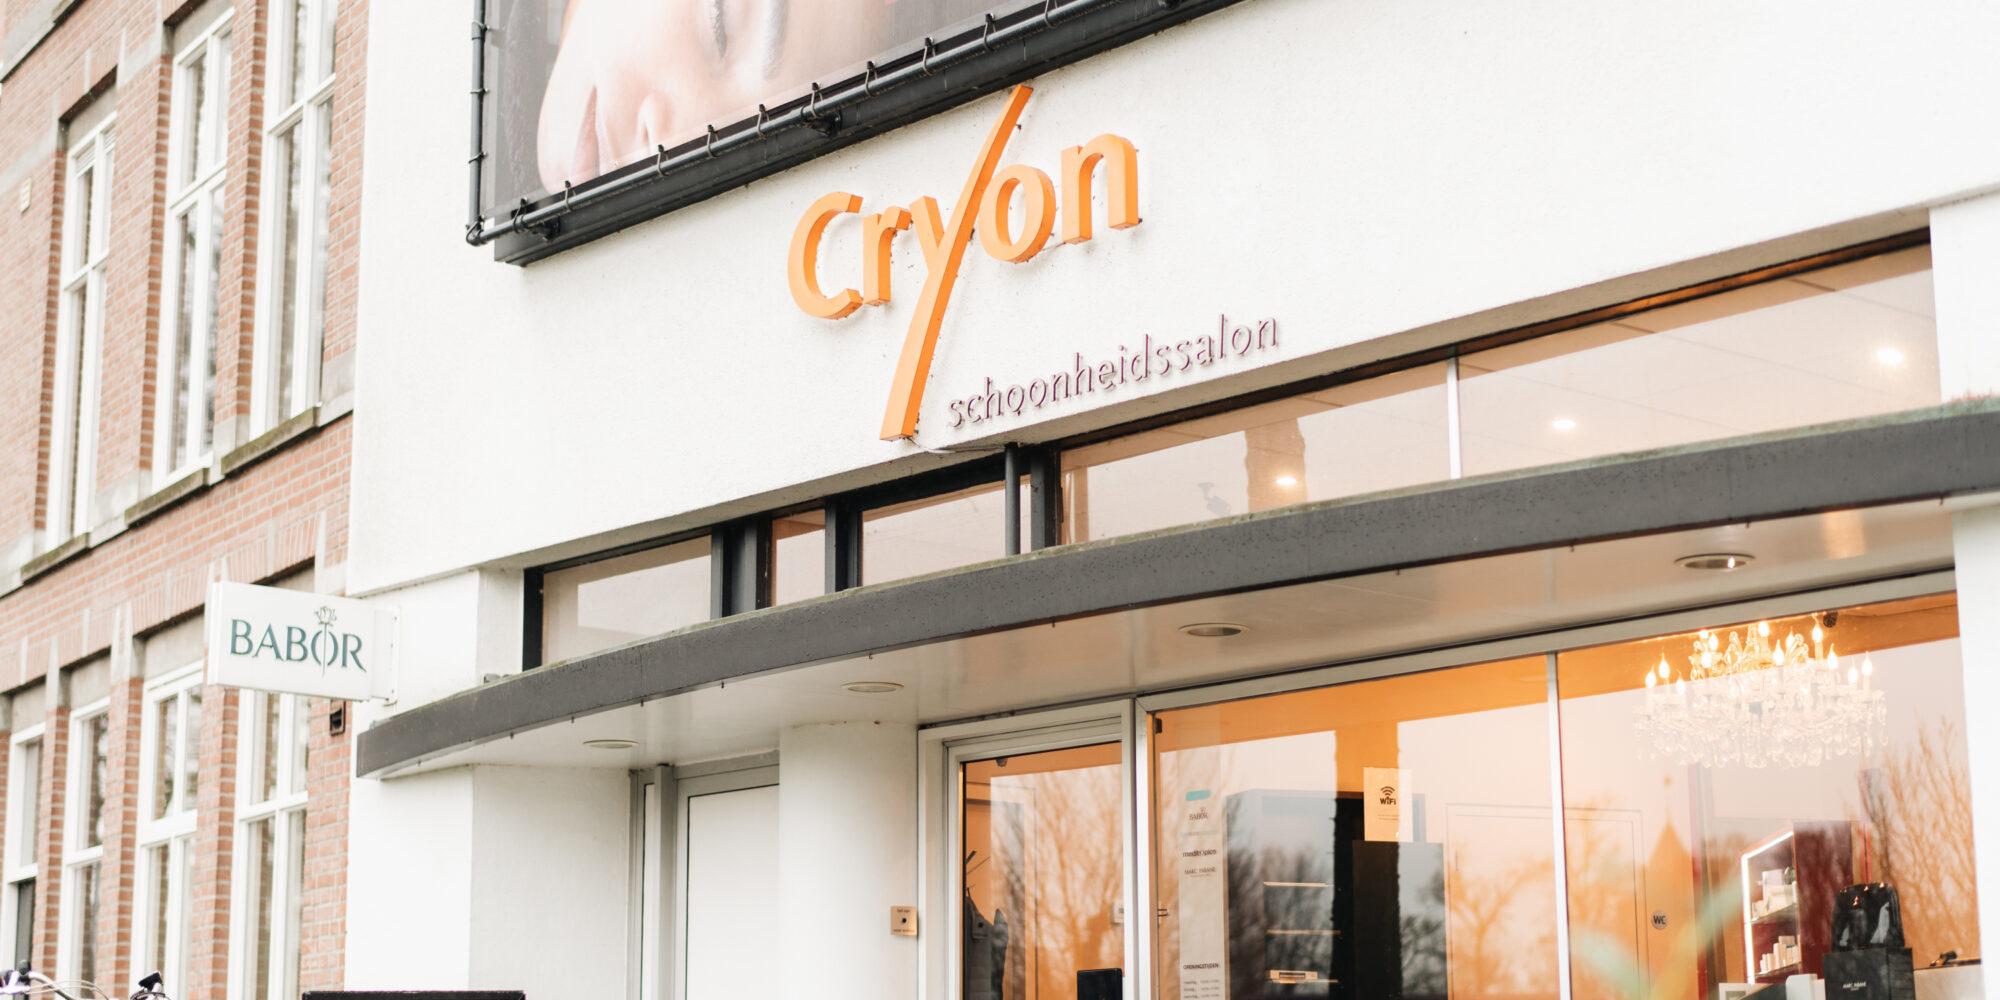 Cryon_075